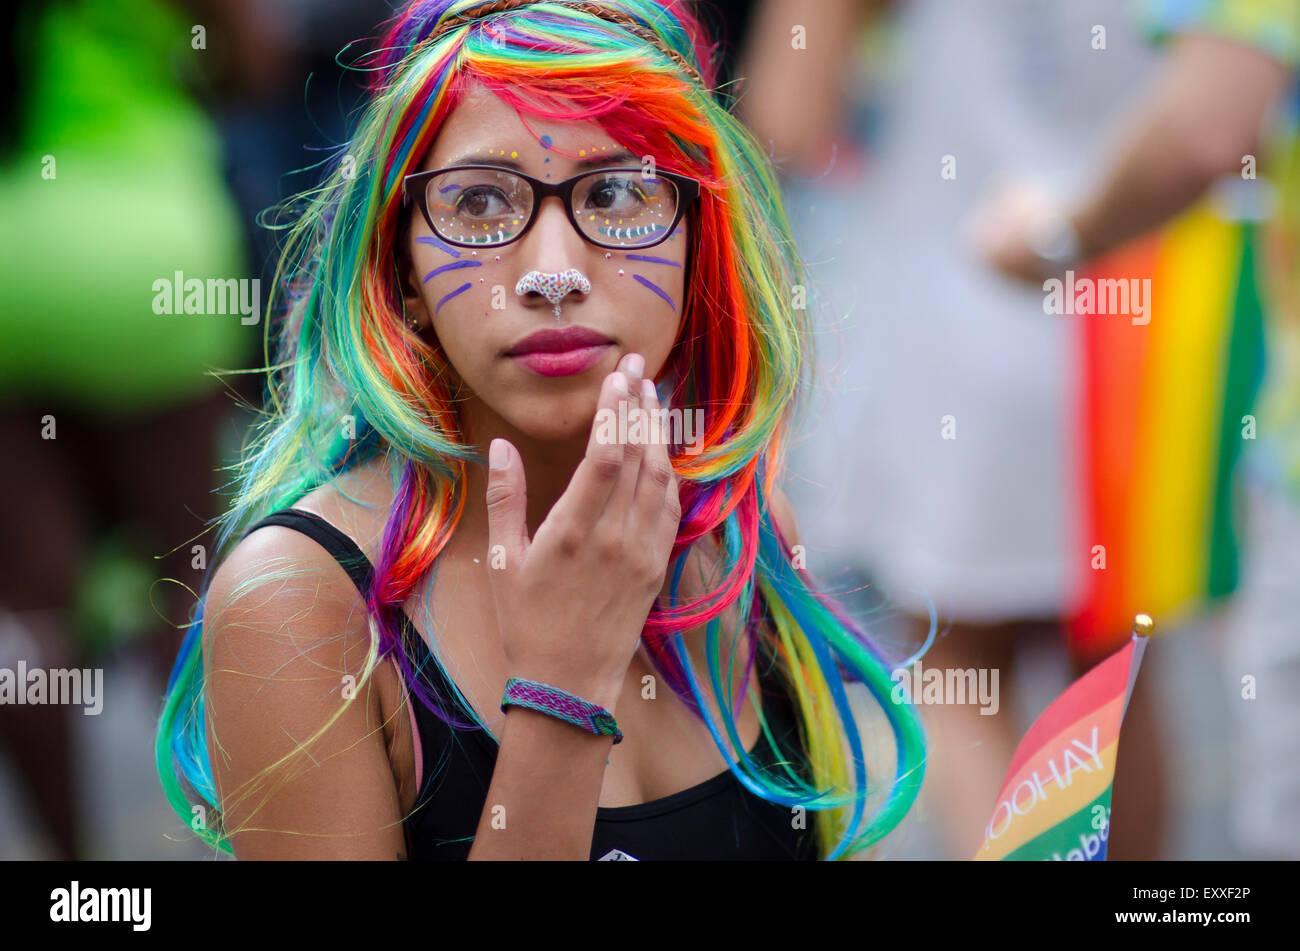 La CIUDAD DE NUEVA YORK, EE.UU. - Junio 28, 2015: la muchacha vestida con la colorida peluca mira a las festividades Imagen De Stock